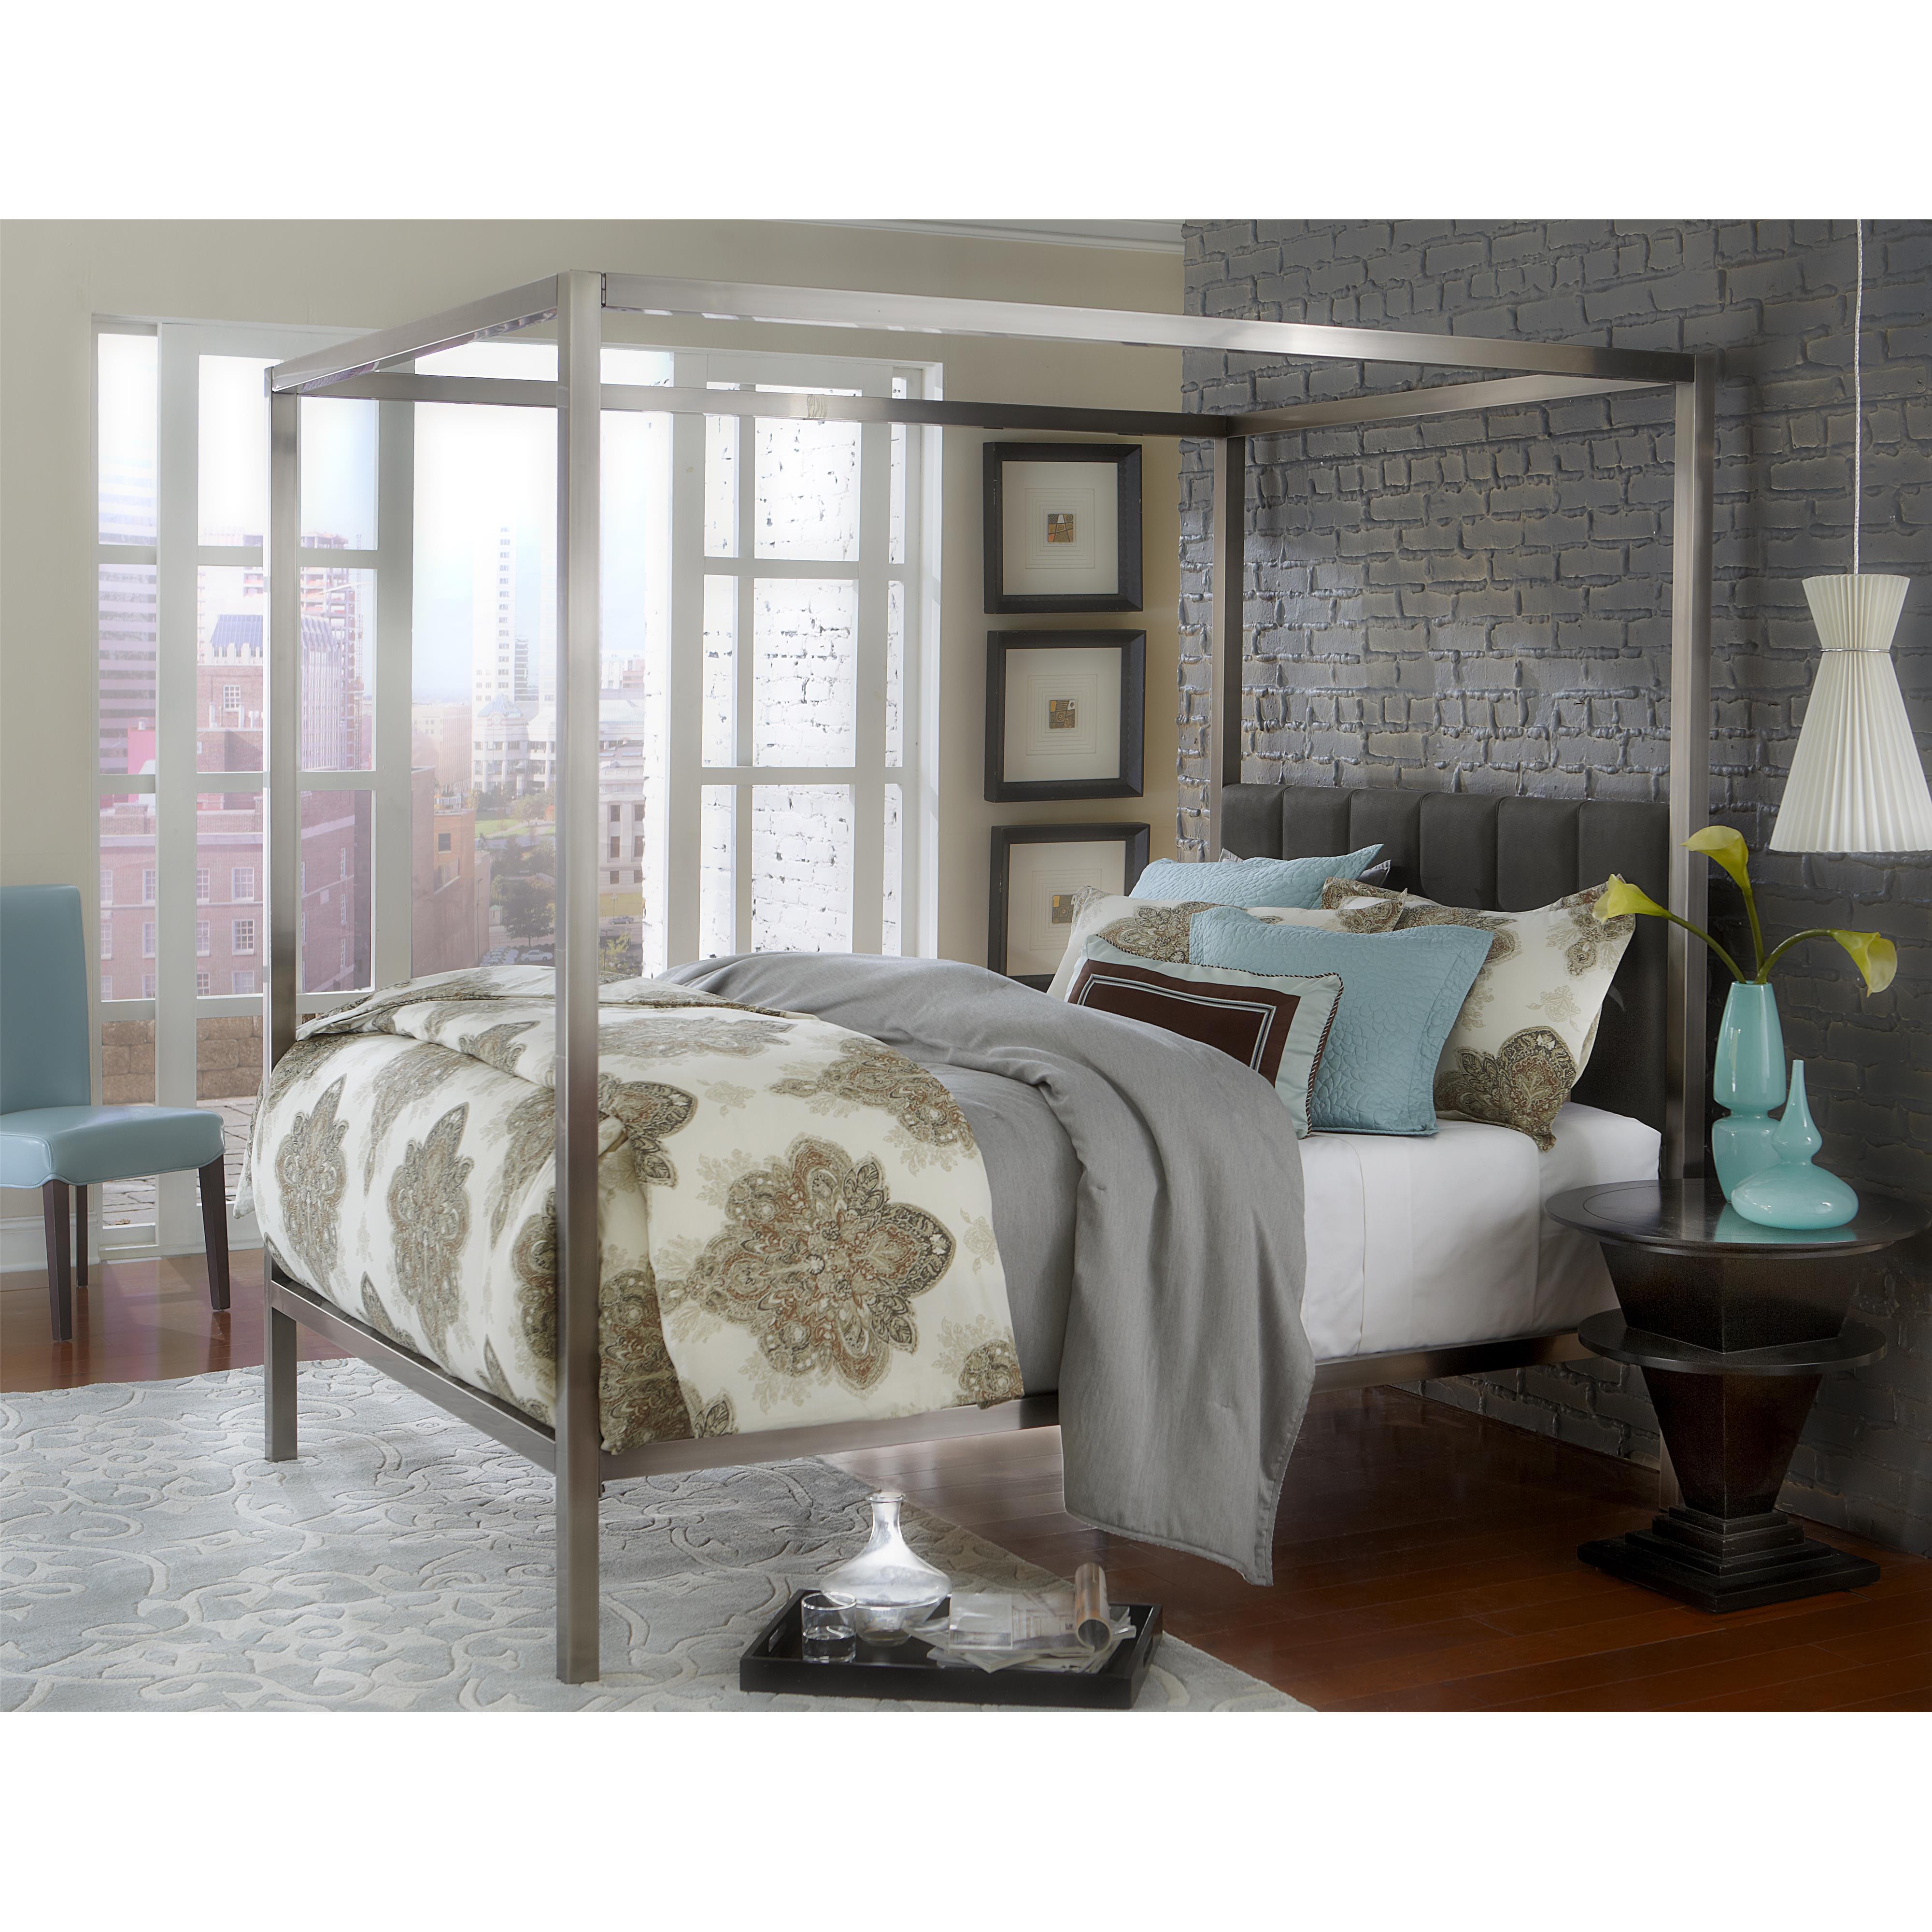 Hillsdale Chatham King Bed Set w/ Rails - Item Number: 1057BKR